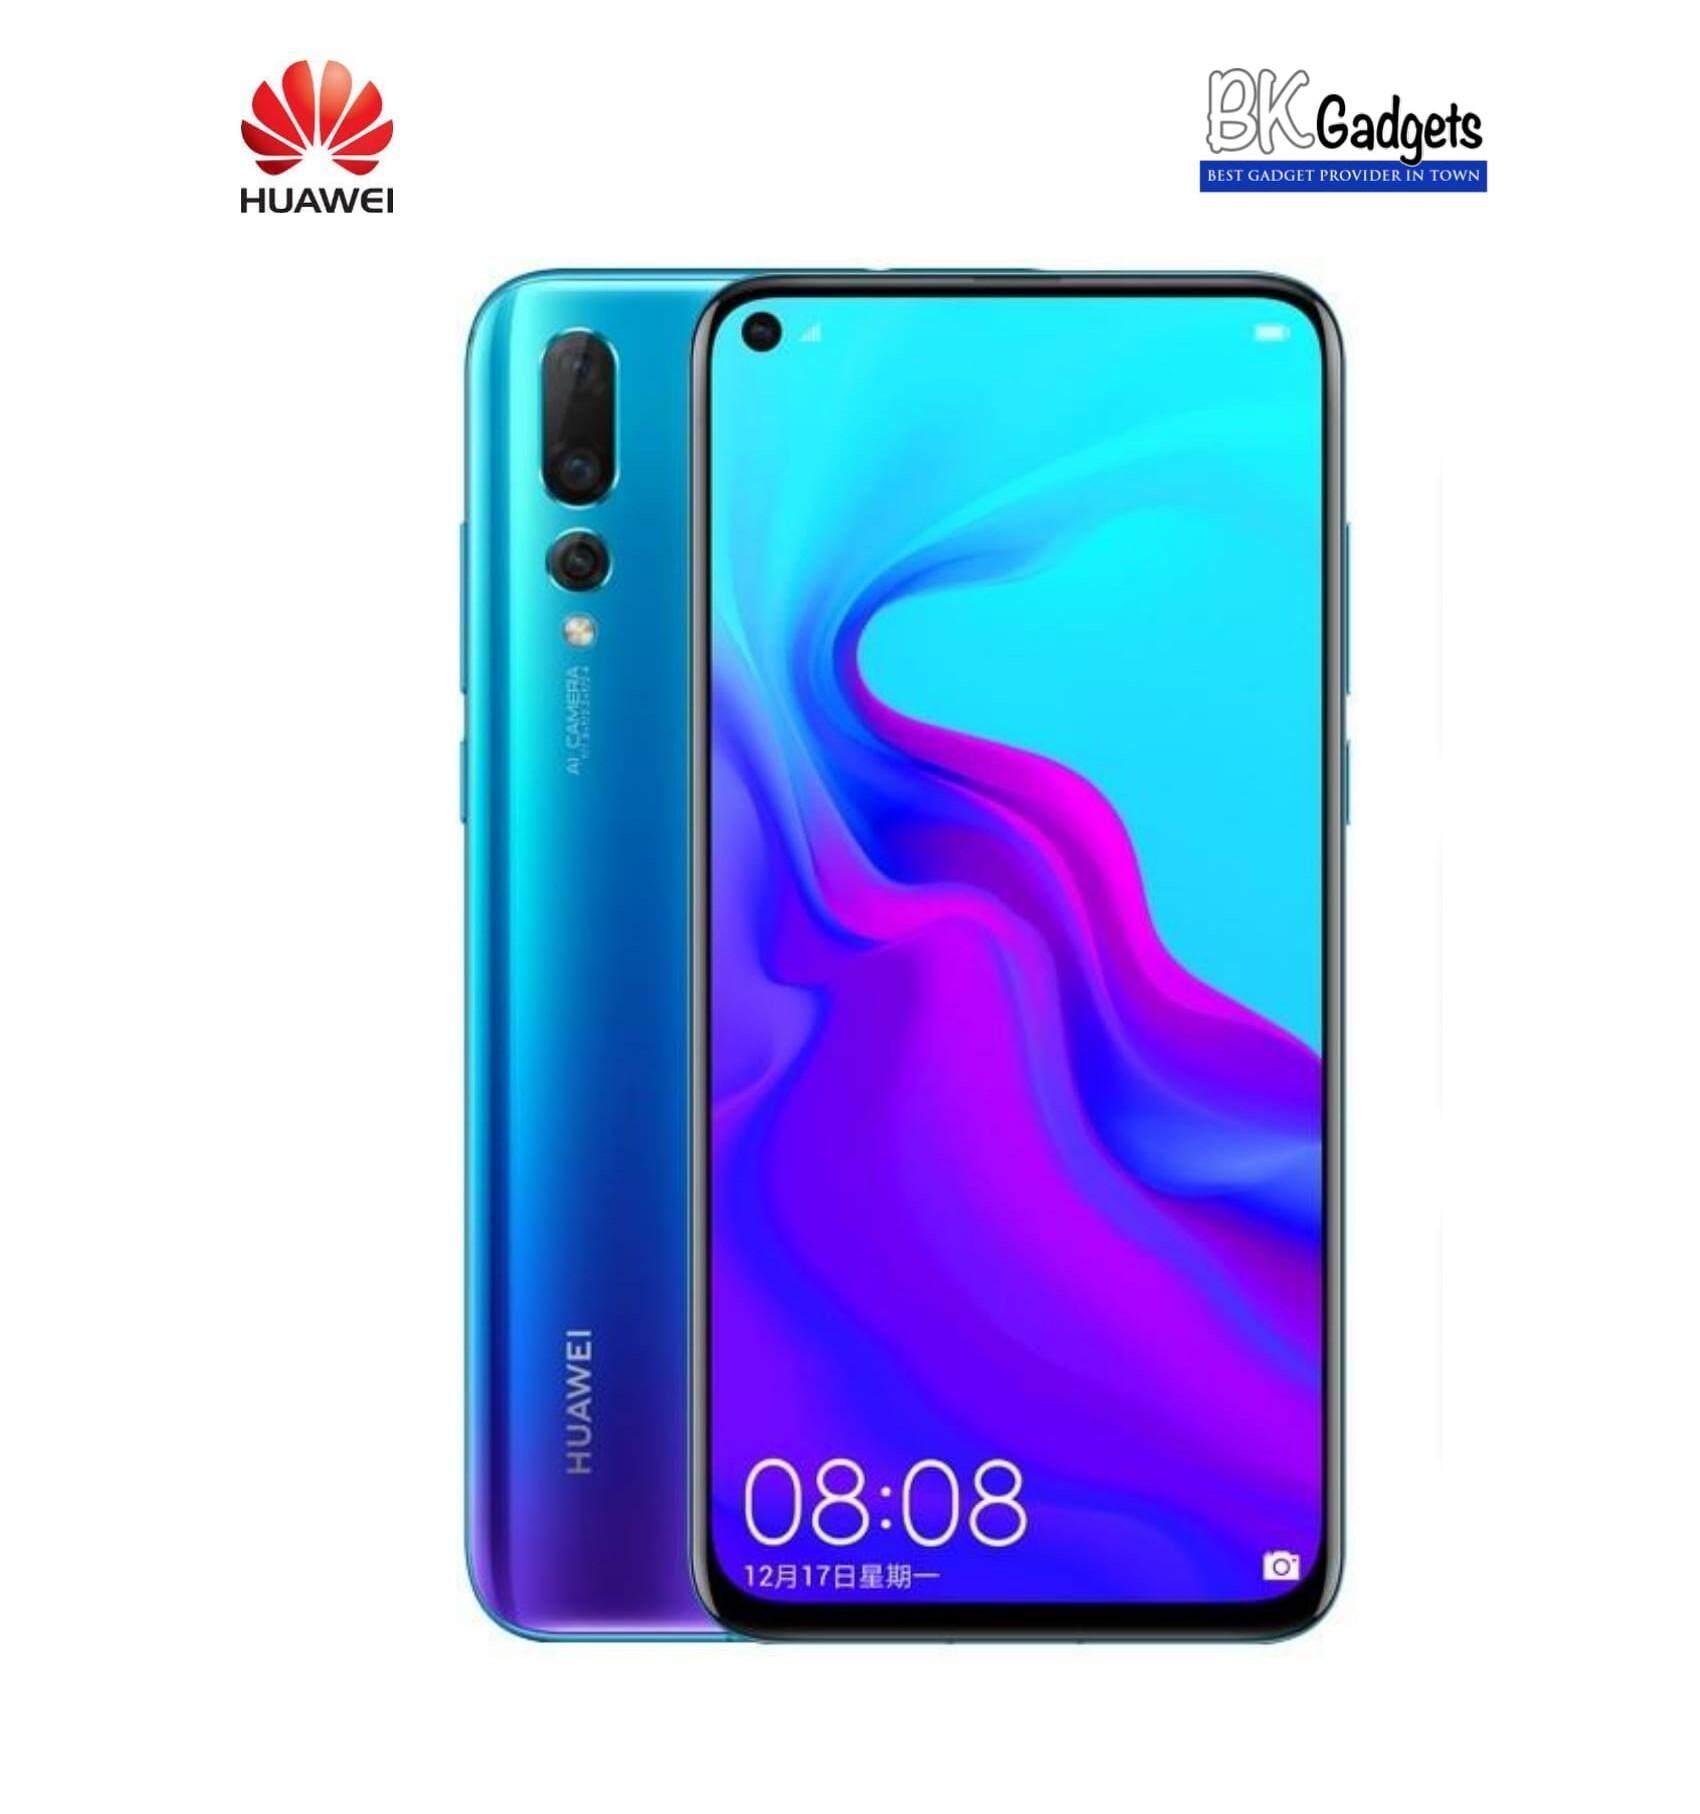 Huawei Nova 4 8/128GB Blue – Original from Huawei Malaysia 1 Year Warranty